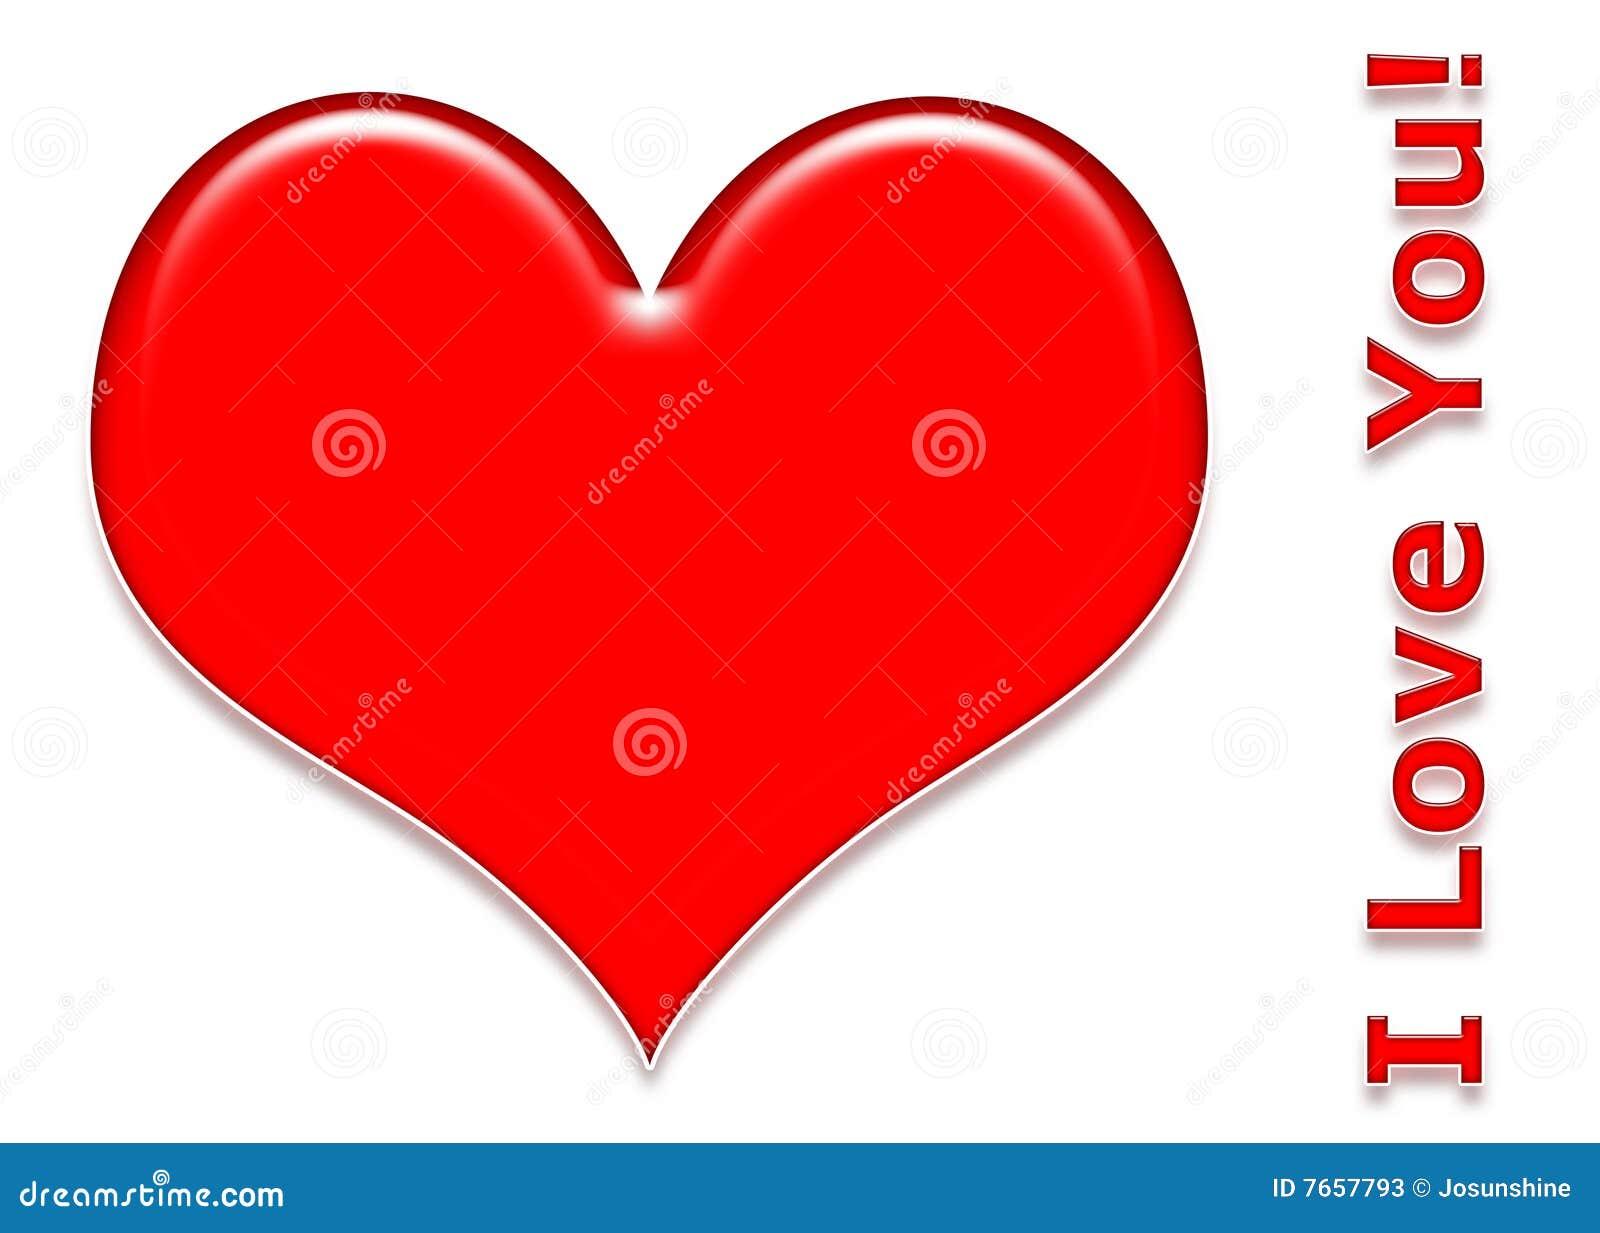 Love Heart 3d Stock Illustration. Illustration Of White